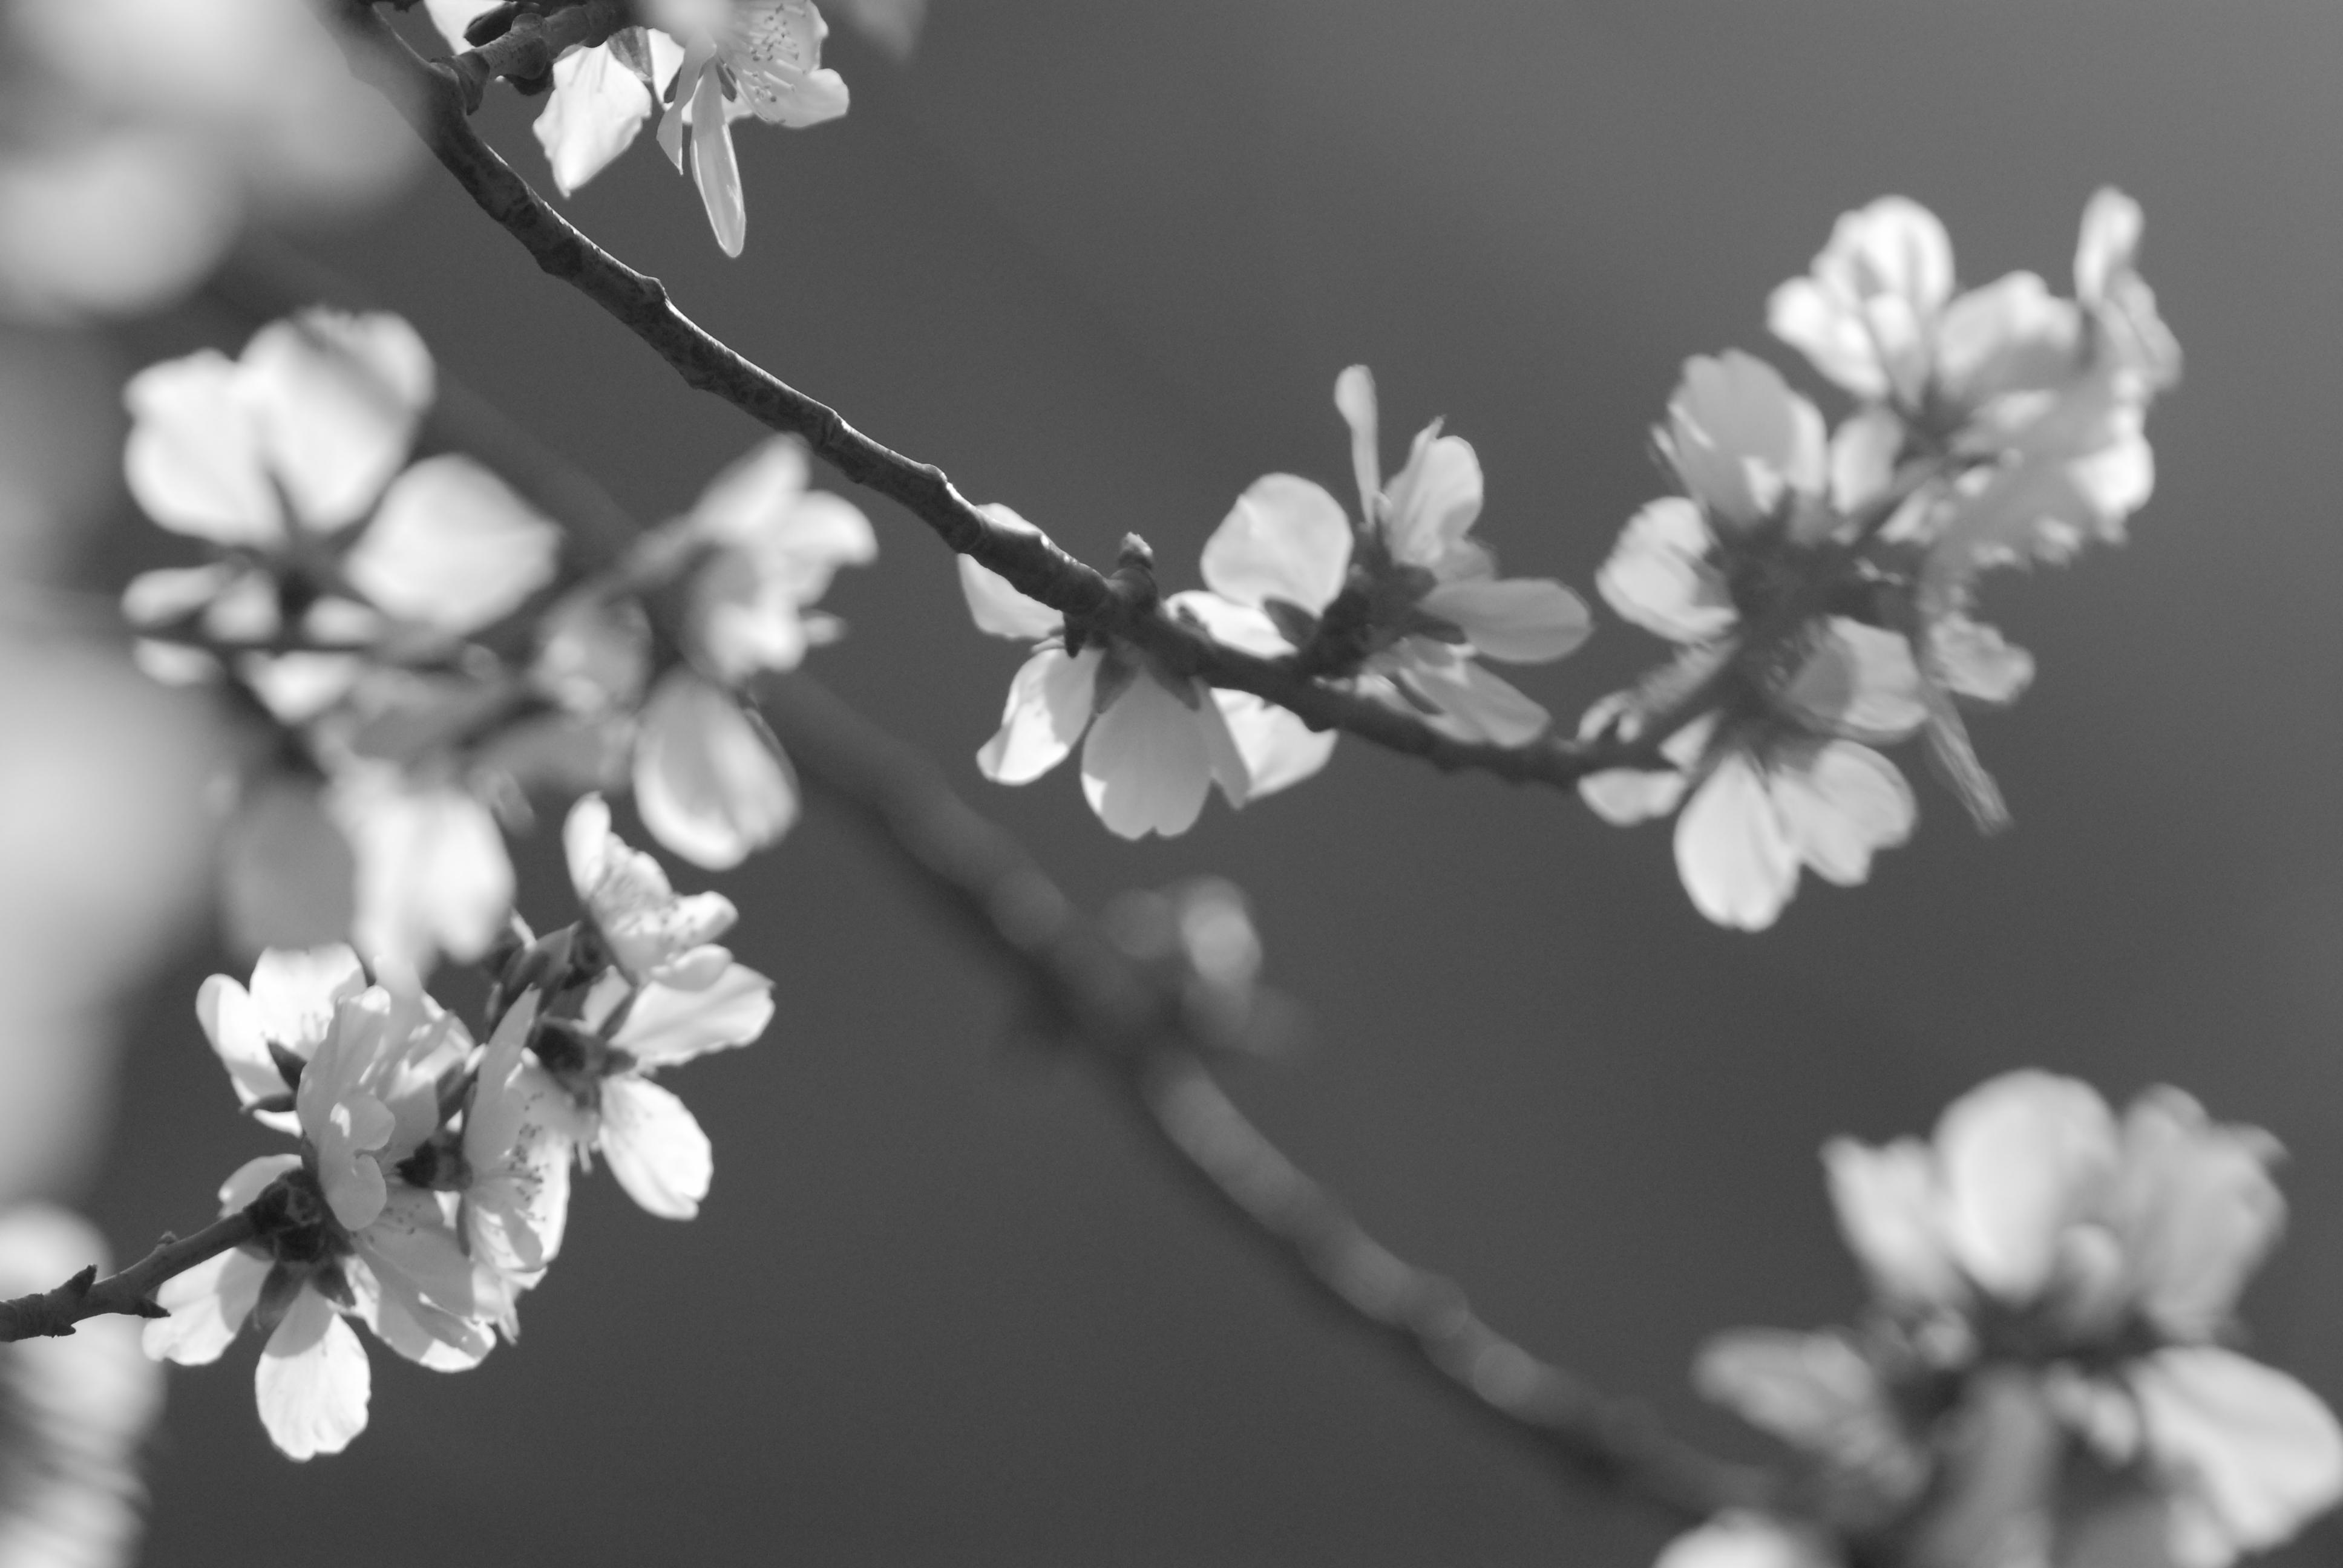 Spring arrives II